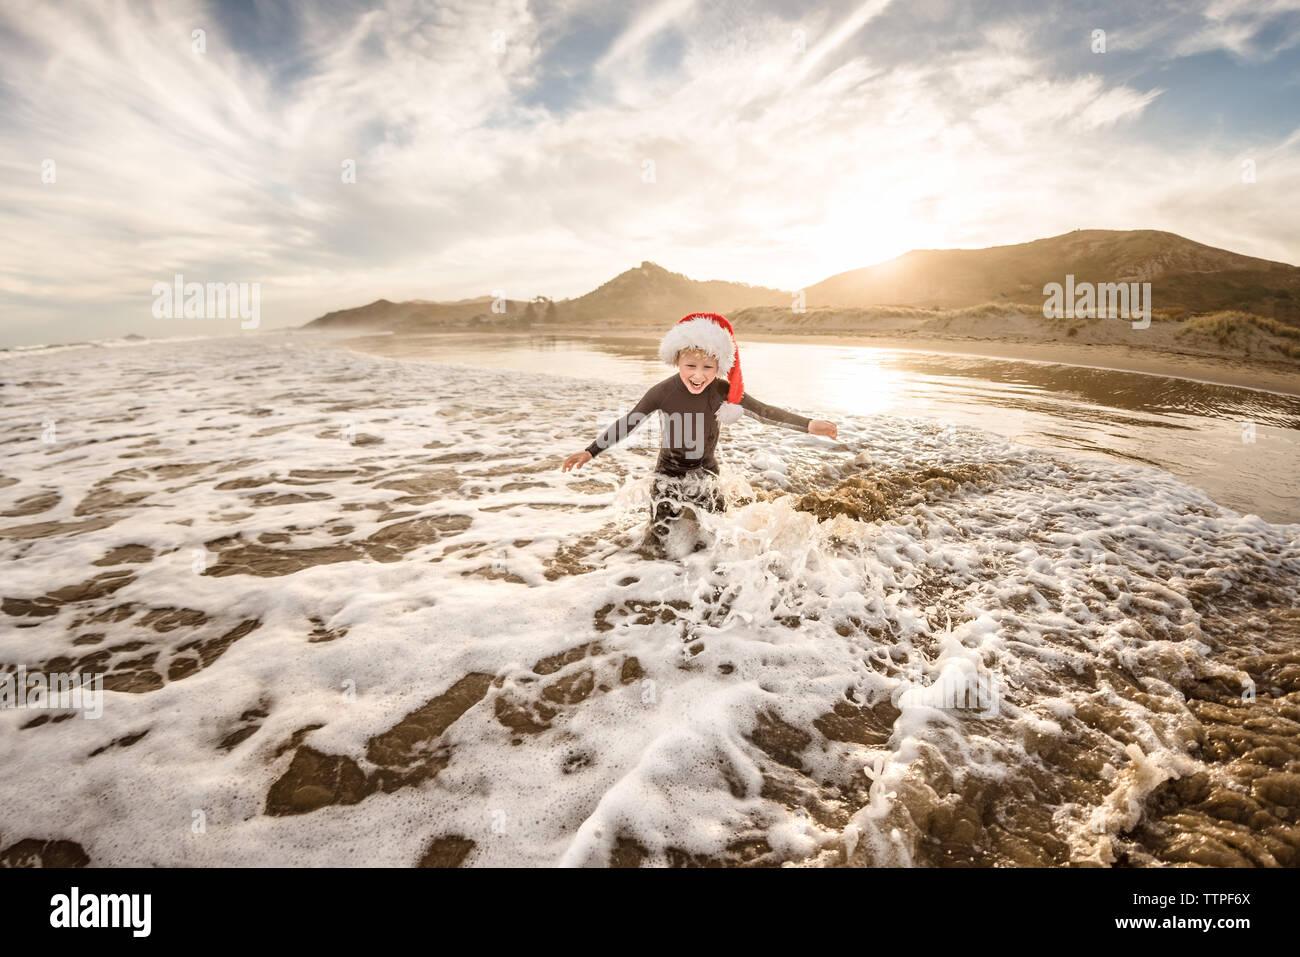 Felices vacaciones niño usando hat jugando en el agua en una playa Foto de stock